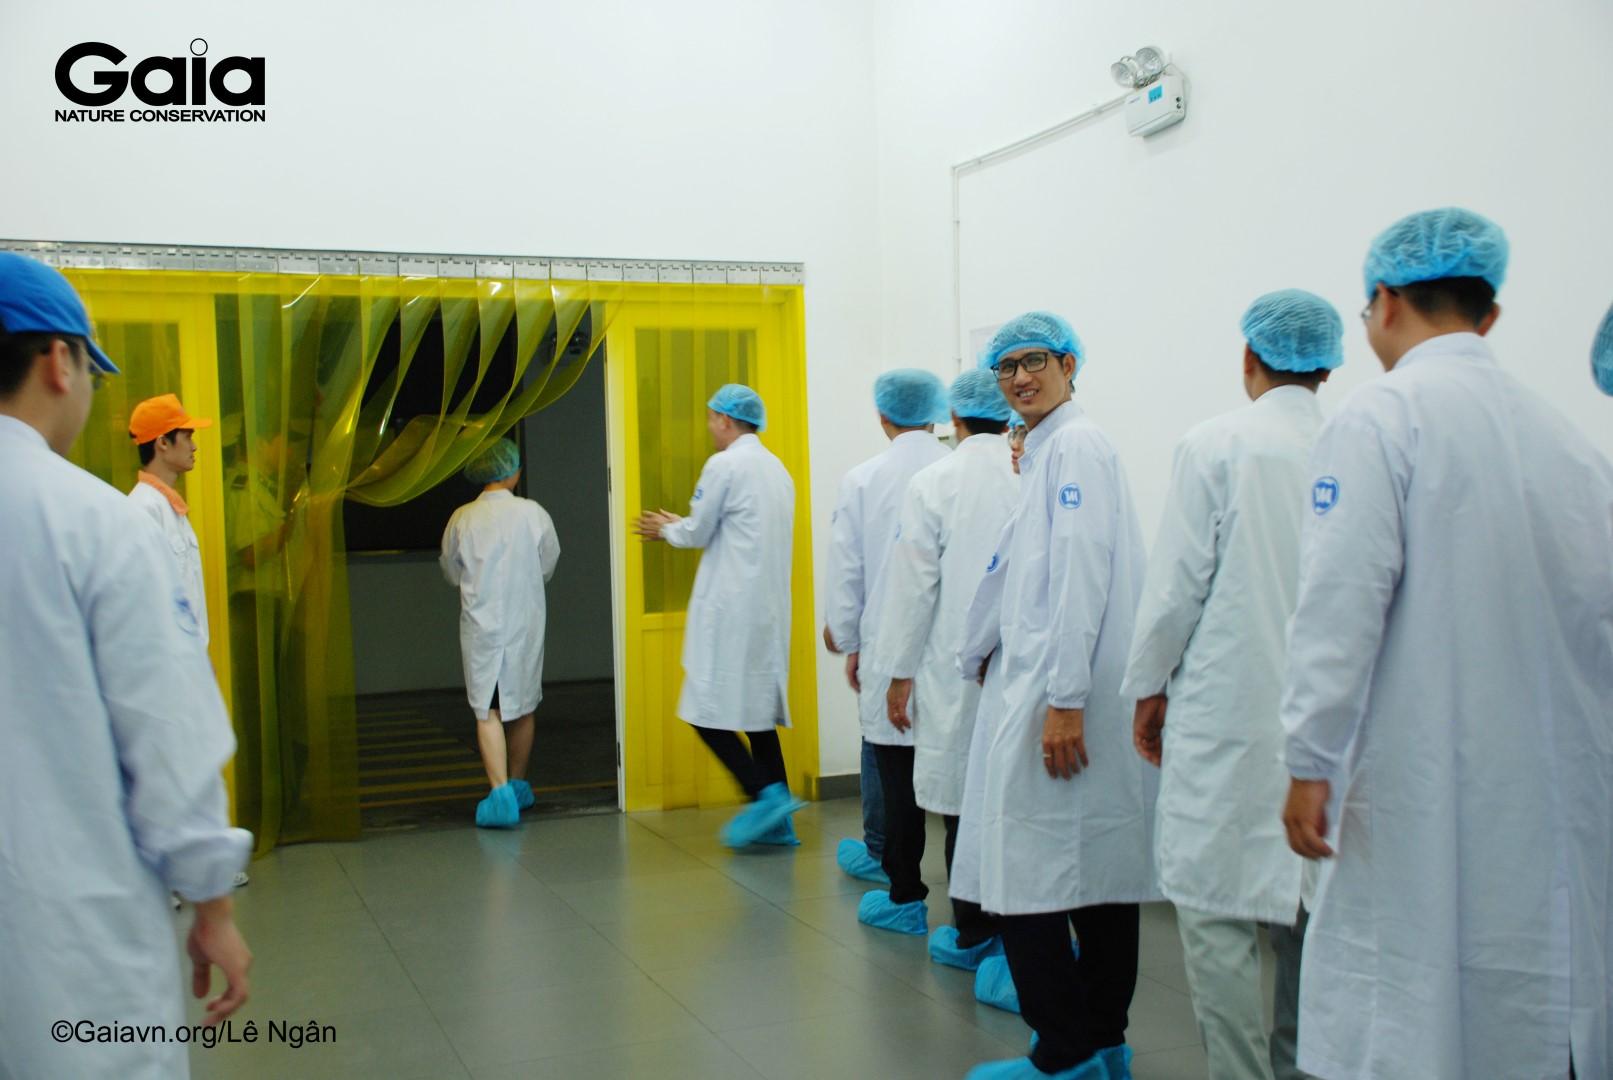 Thay trang phục đảm bảo vệ sinh khi vào thăm nhà máy